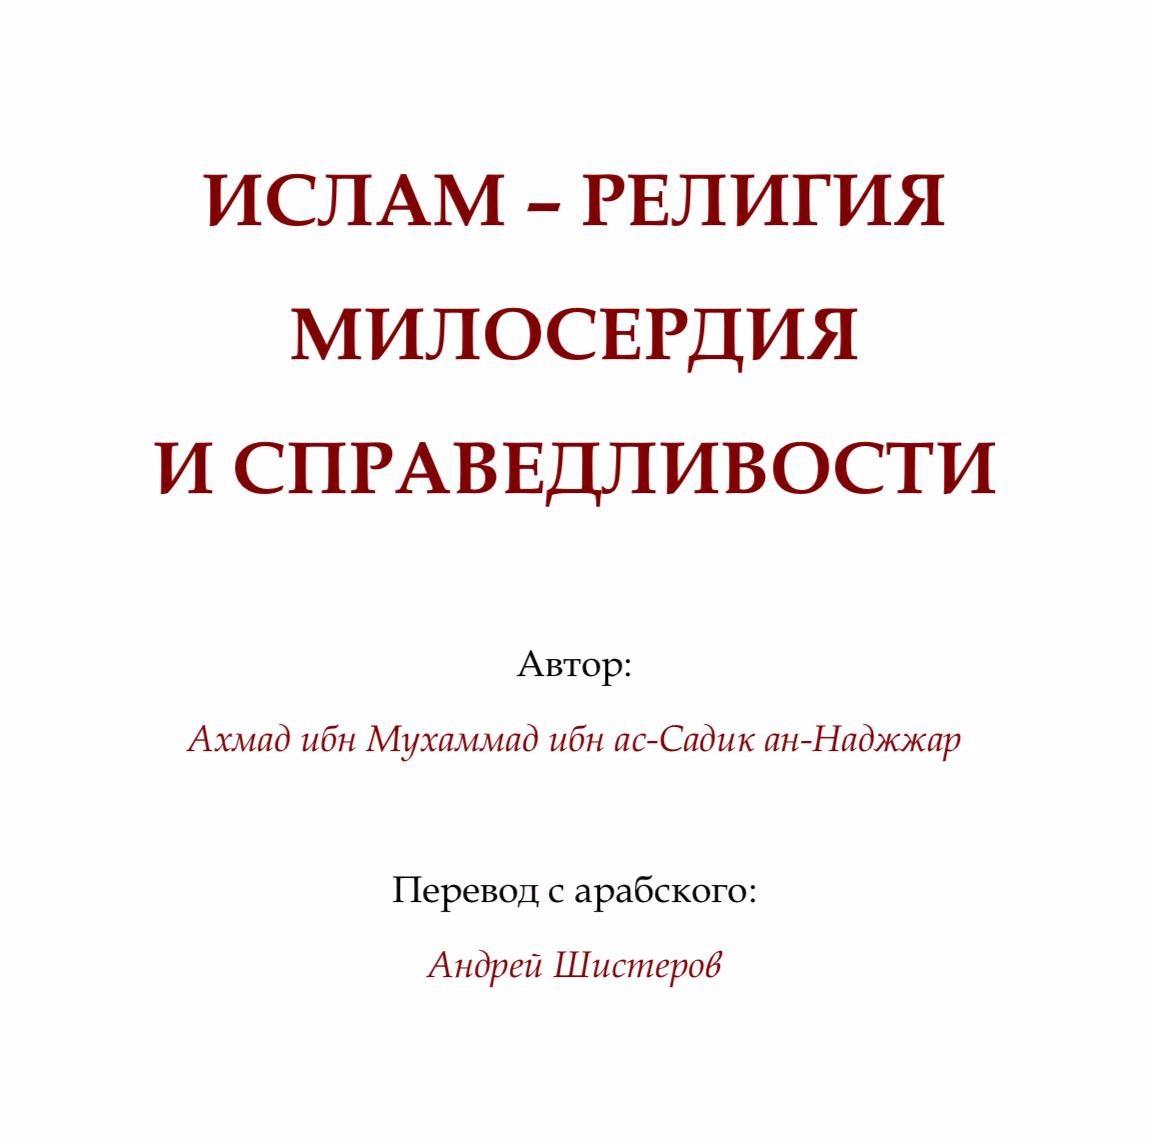 ИСЛАМ - РЕЛИГИЯ МИЛОСЕРДИЯ И СПРАВЕДЛИВОСТИ